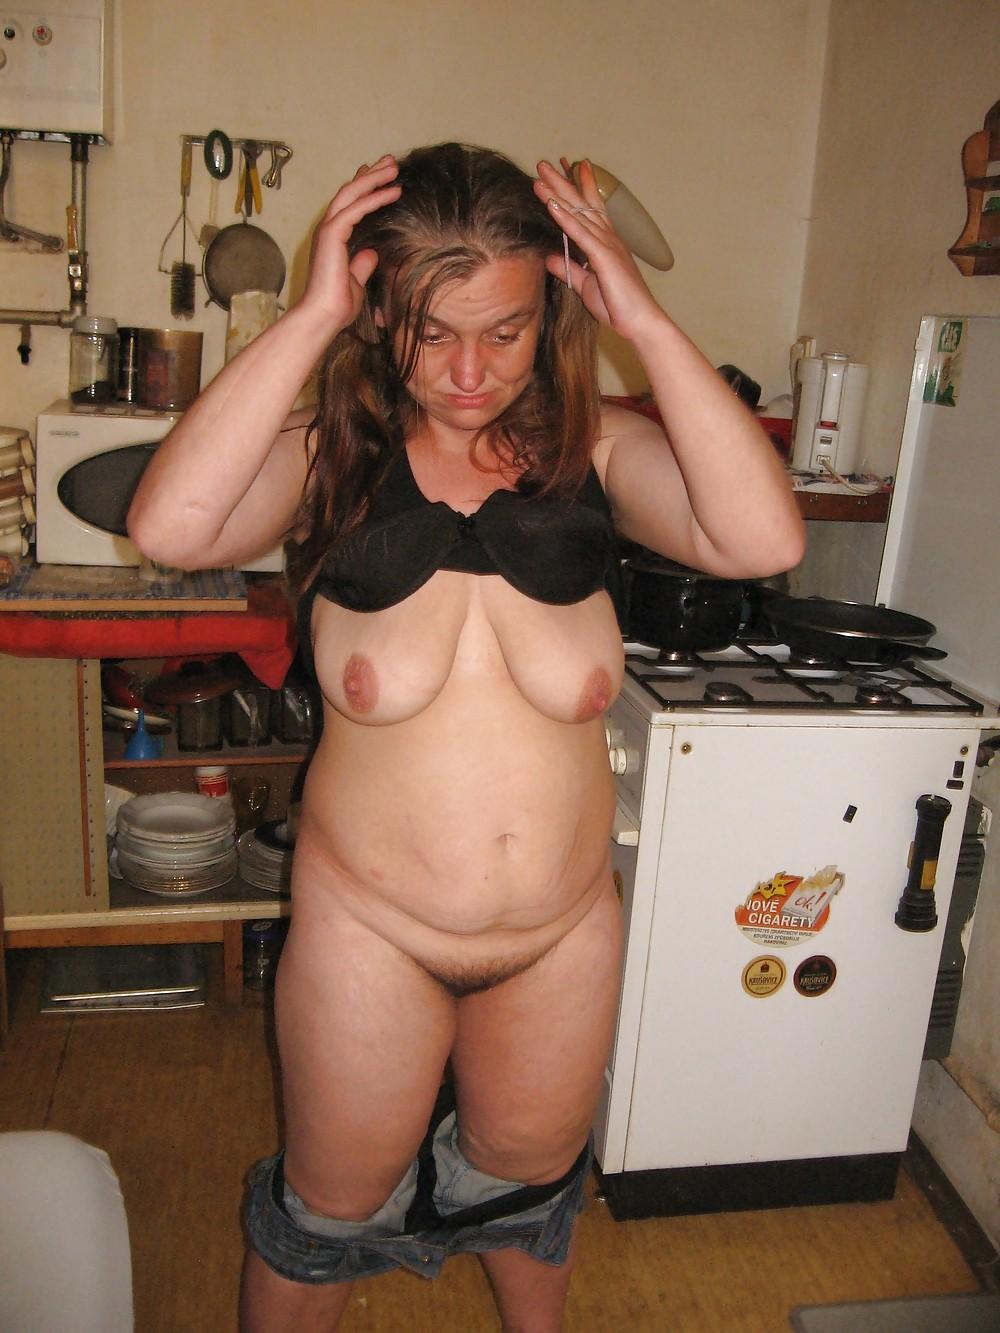 picture-hot-retards-nude-pics-duff